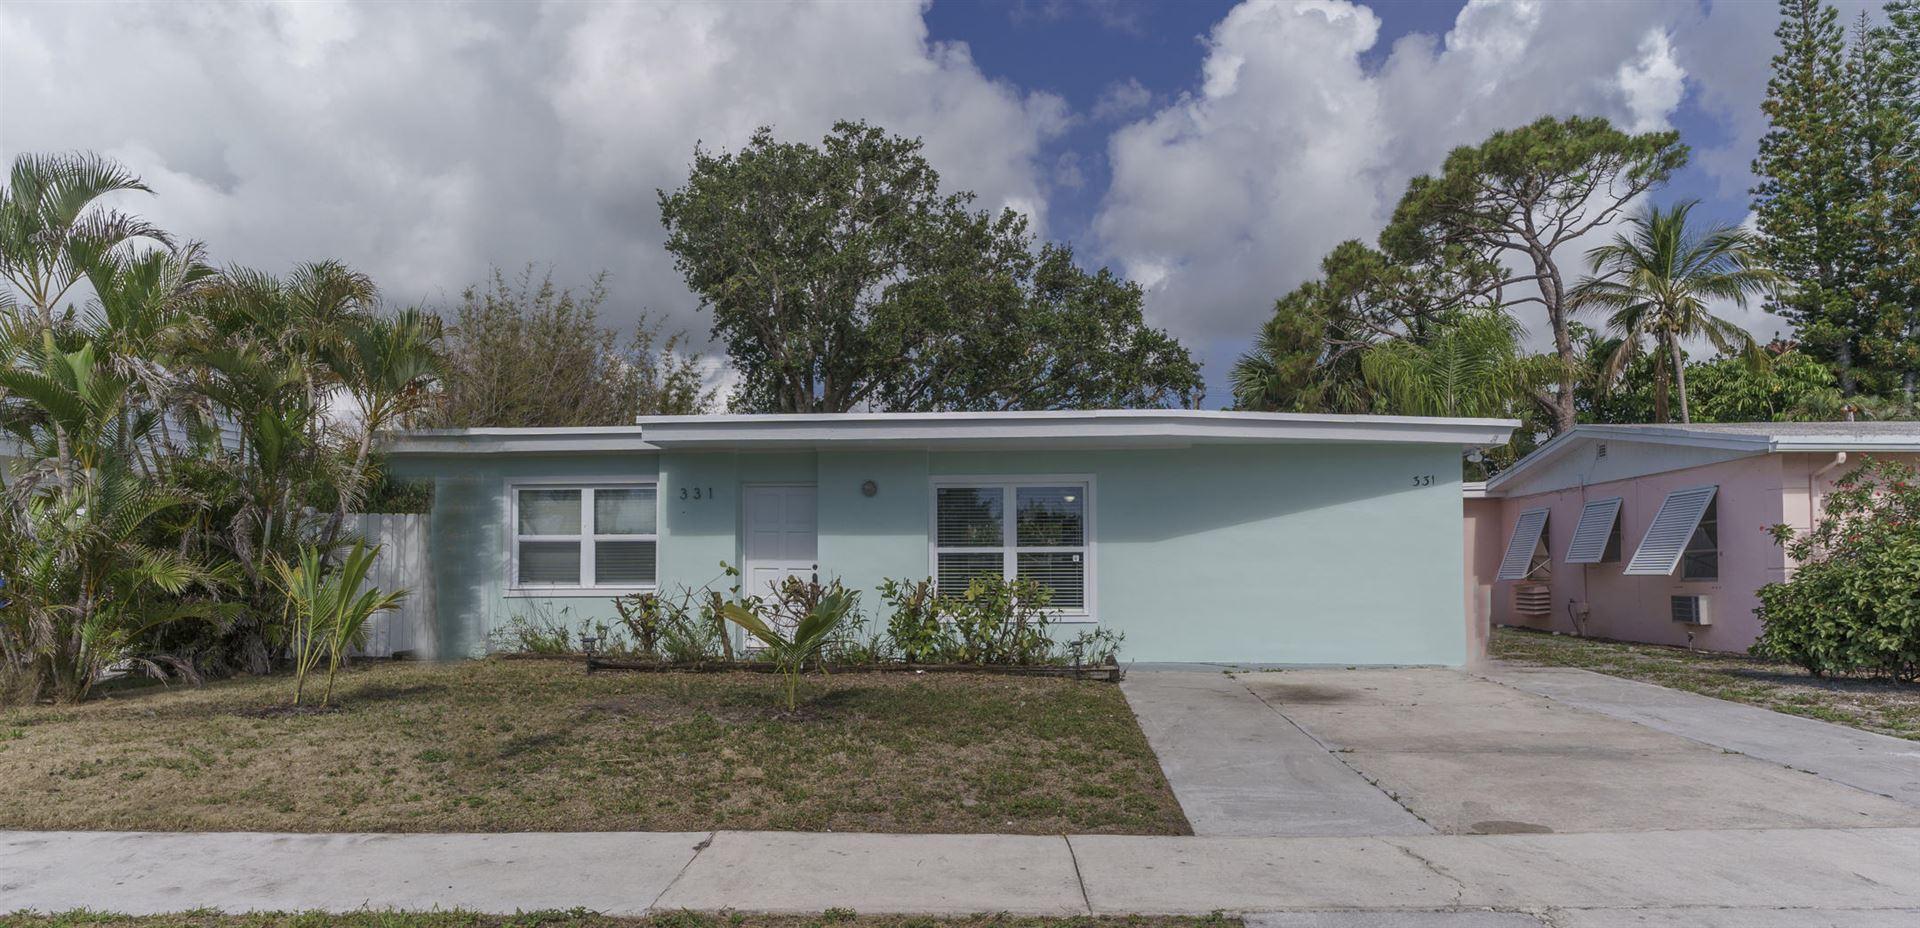 331 Pinewood Street, Lantana, FL 33462 - MLS#: RX-10716196